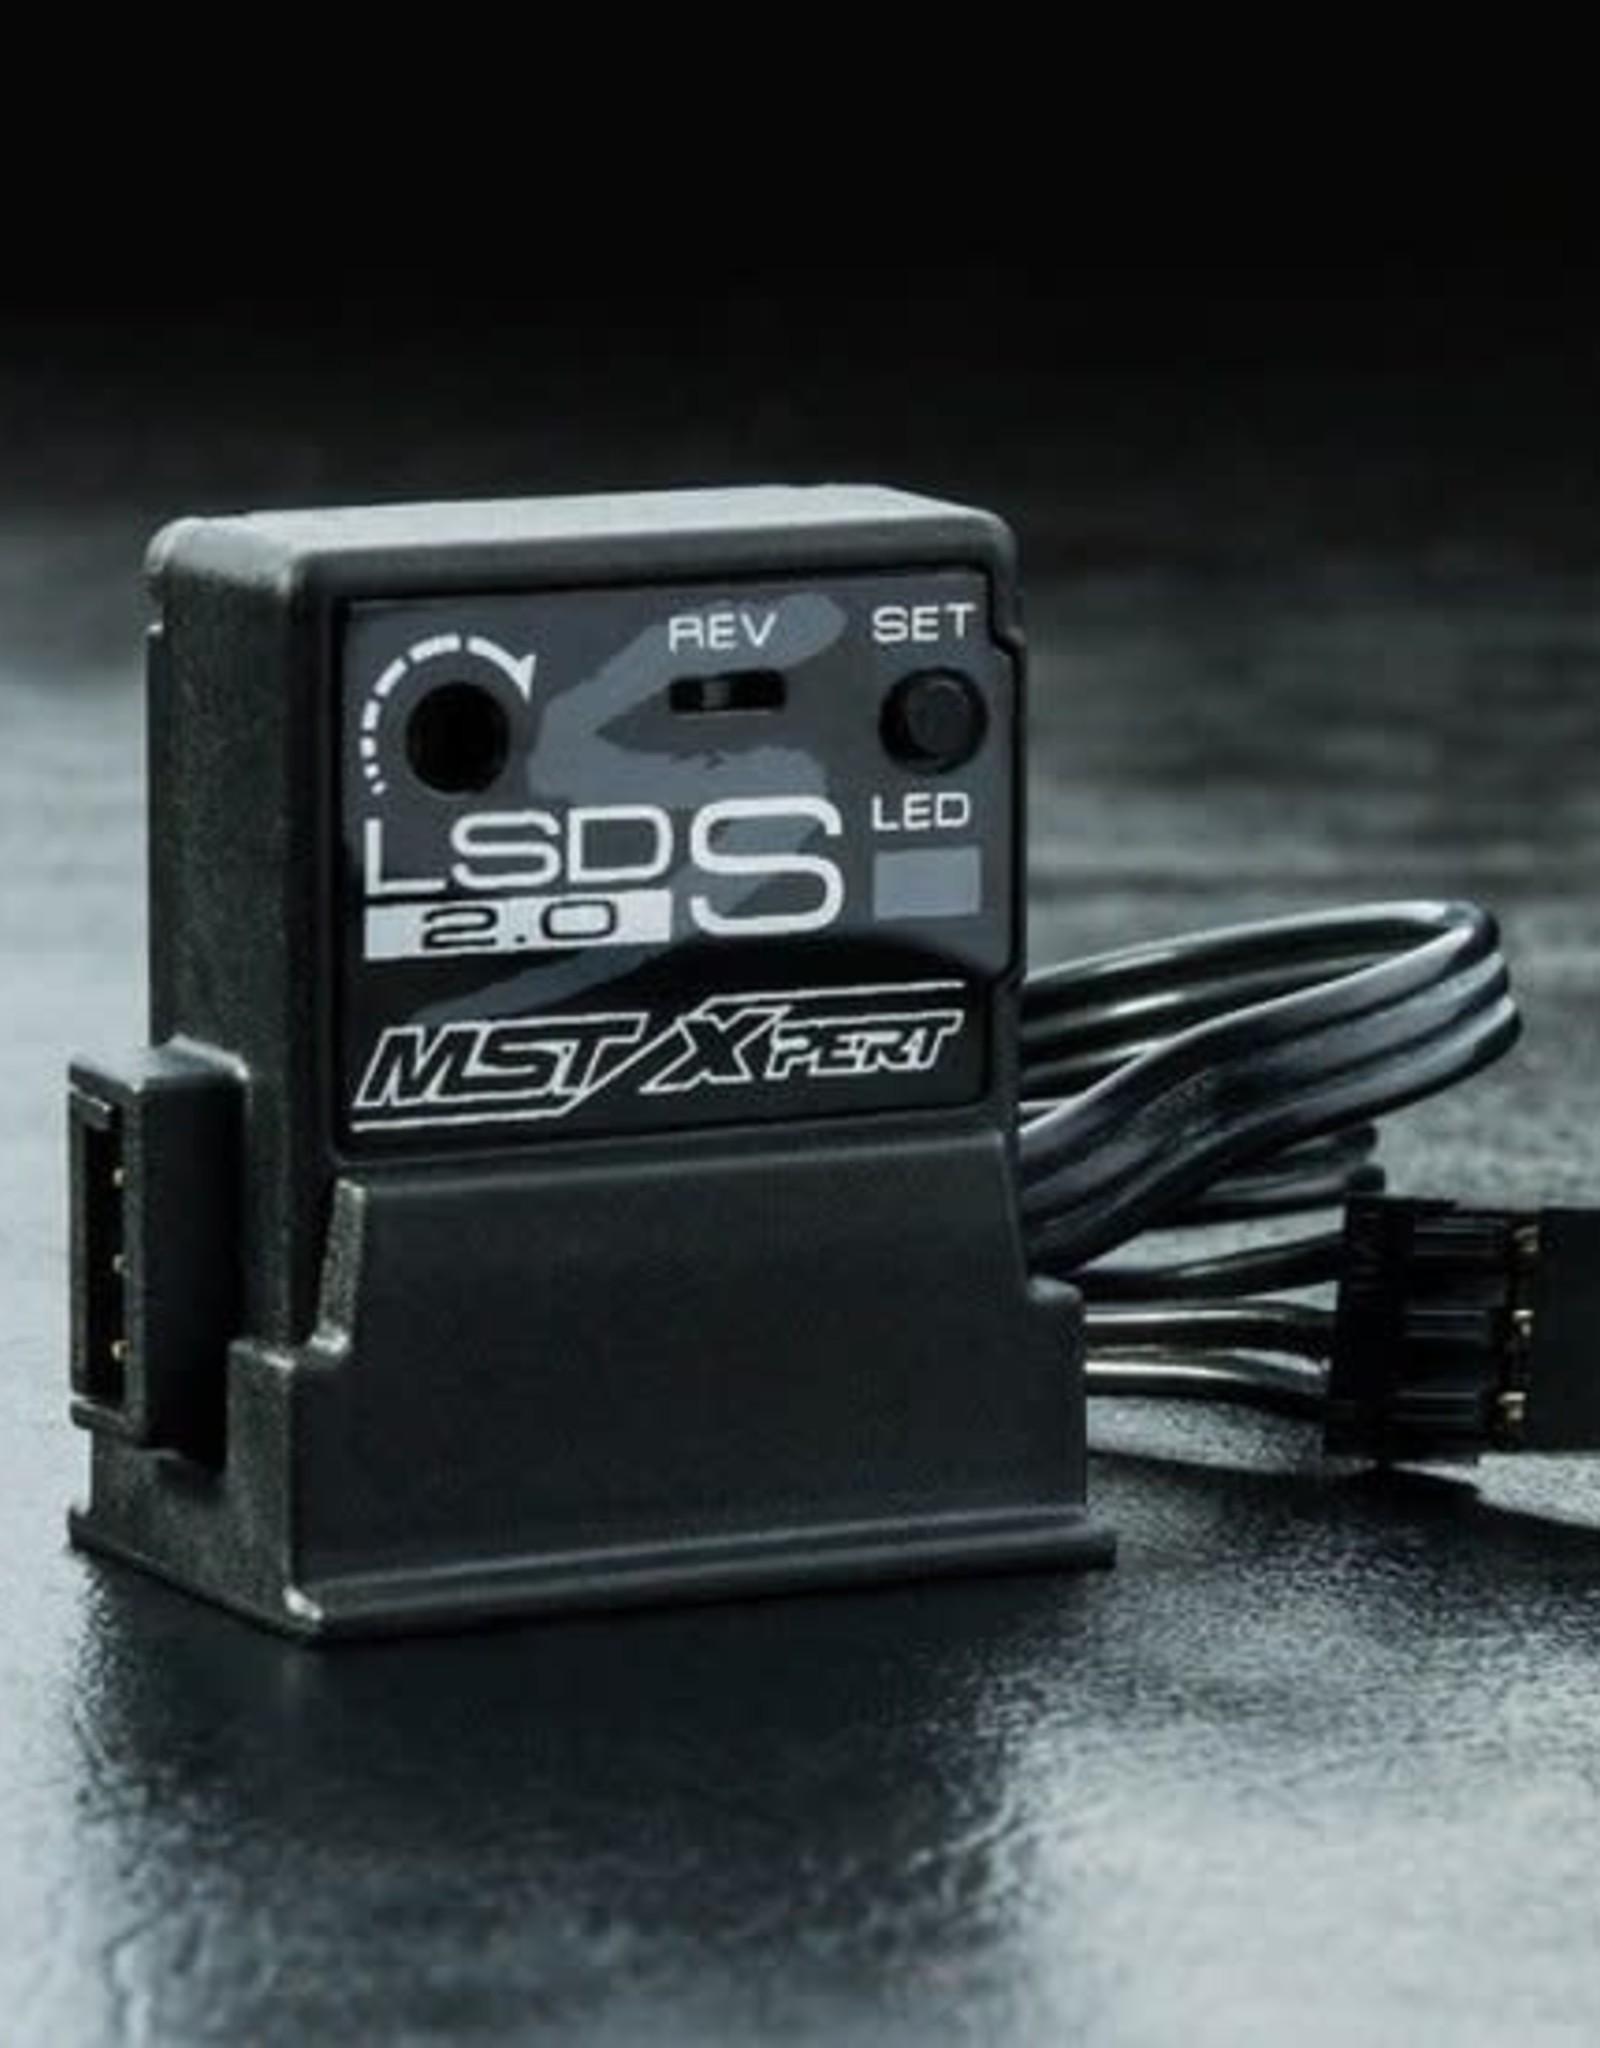 MST MST LSD 2.0 S Gyro